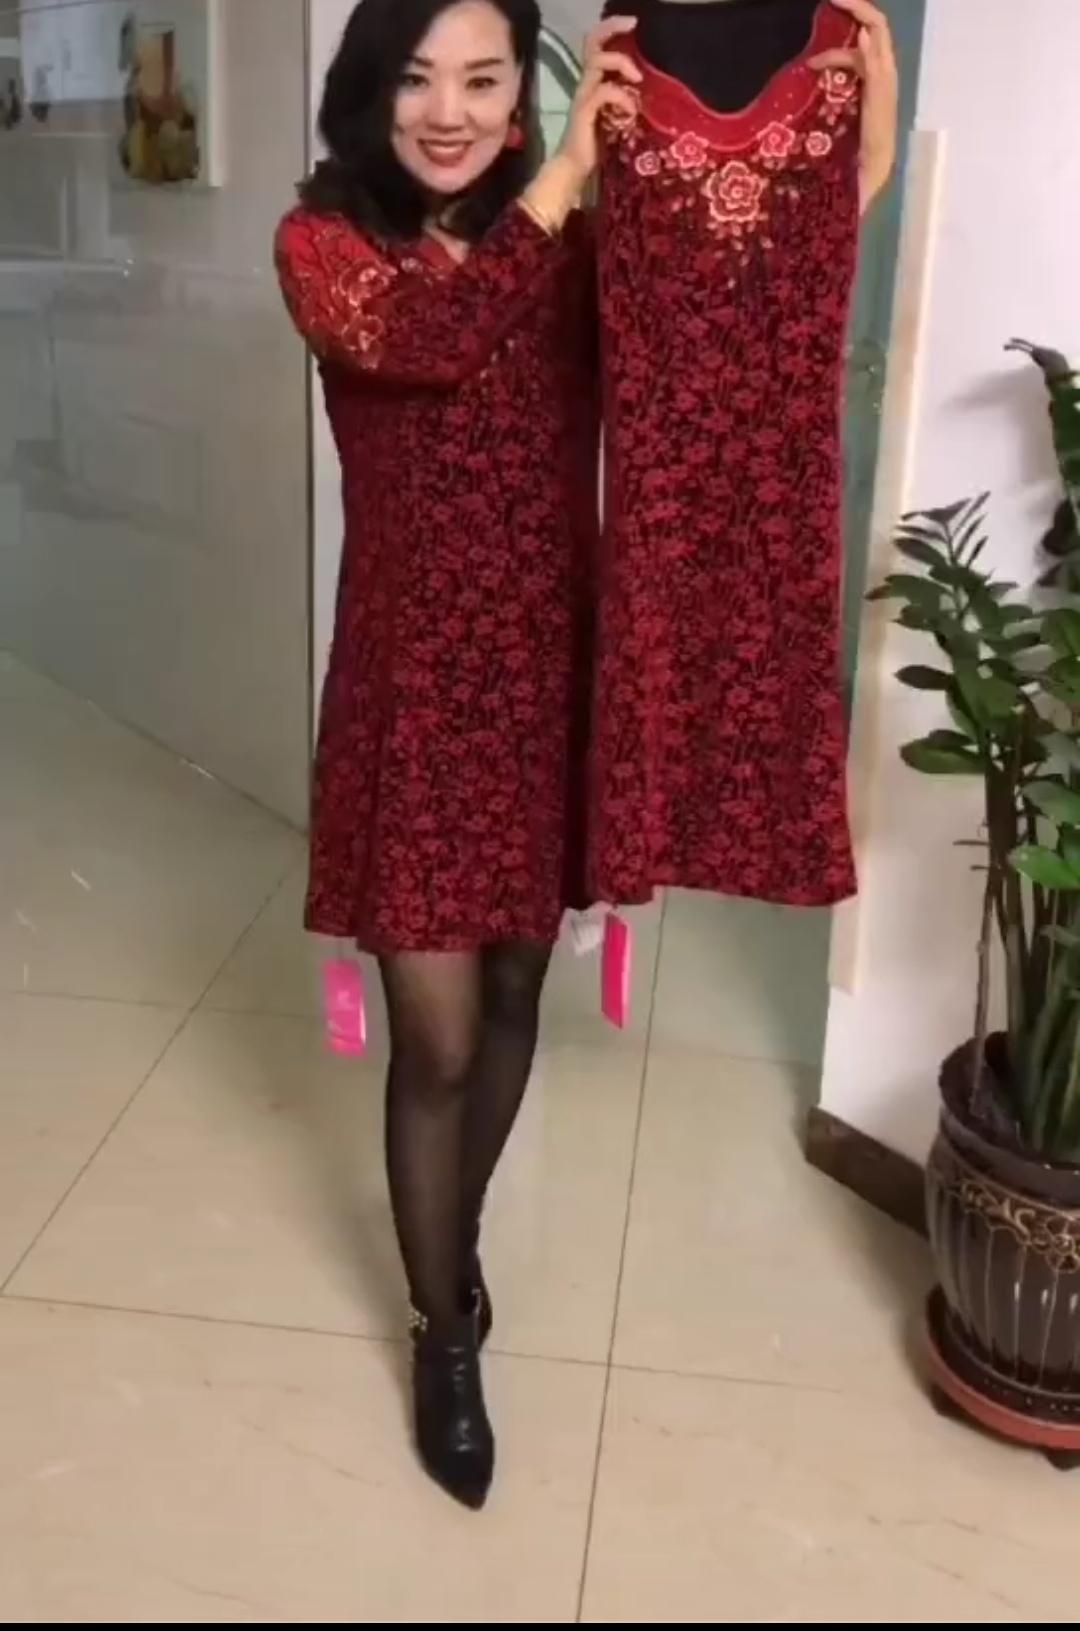 中老年韩版连衣裙 2020年春装新款时尚洋气连衣裙女韩版气质百搭中老年妈妈打底裙子_推荐淘宝好看的中老年韩版连衣裙